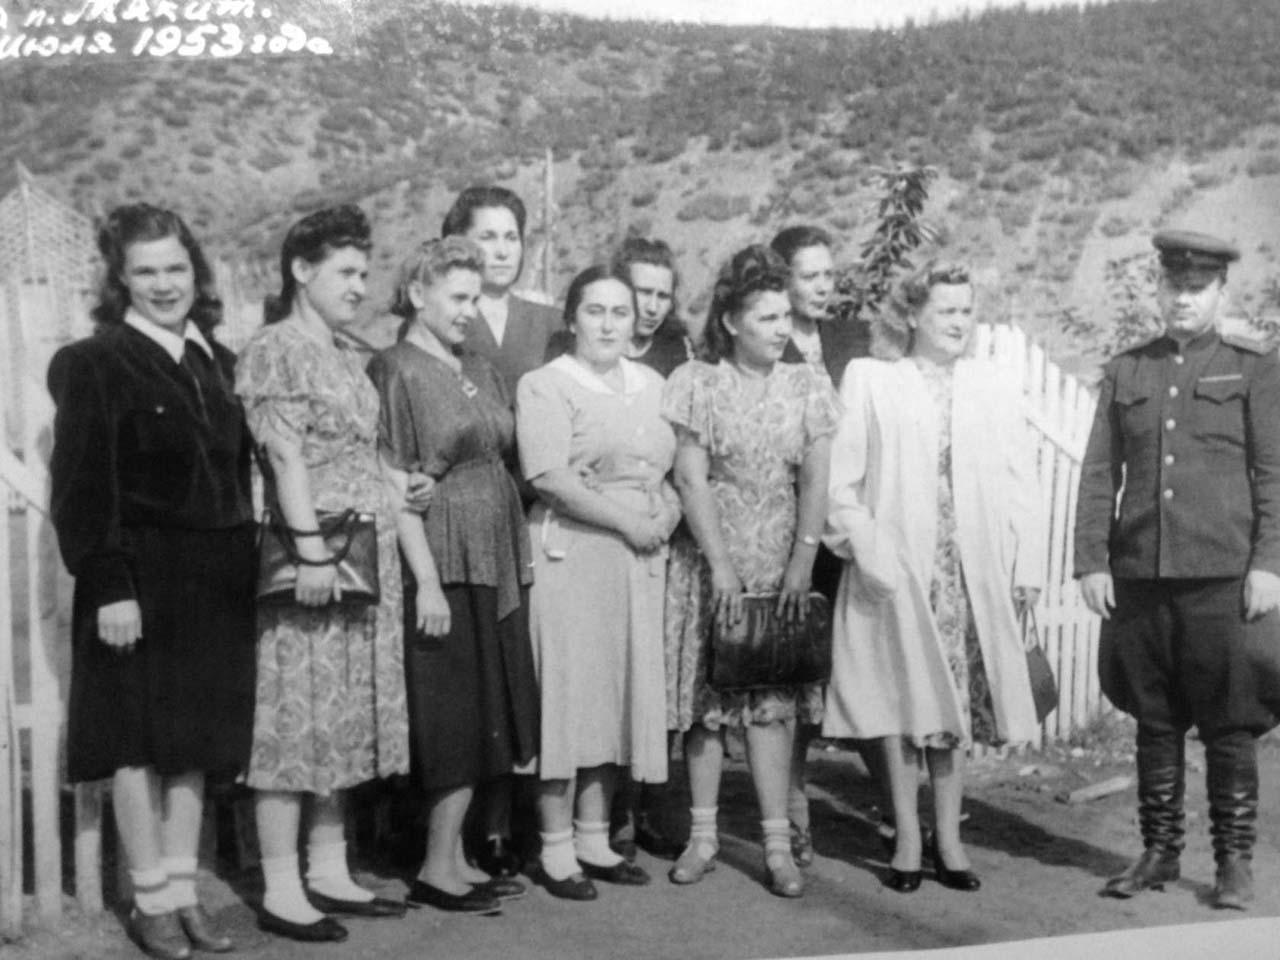 Жители посёлка Мякит. 1953 год.